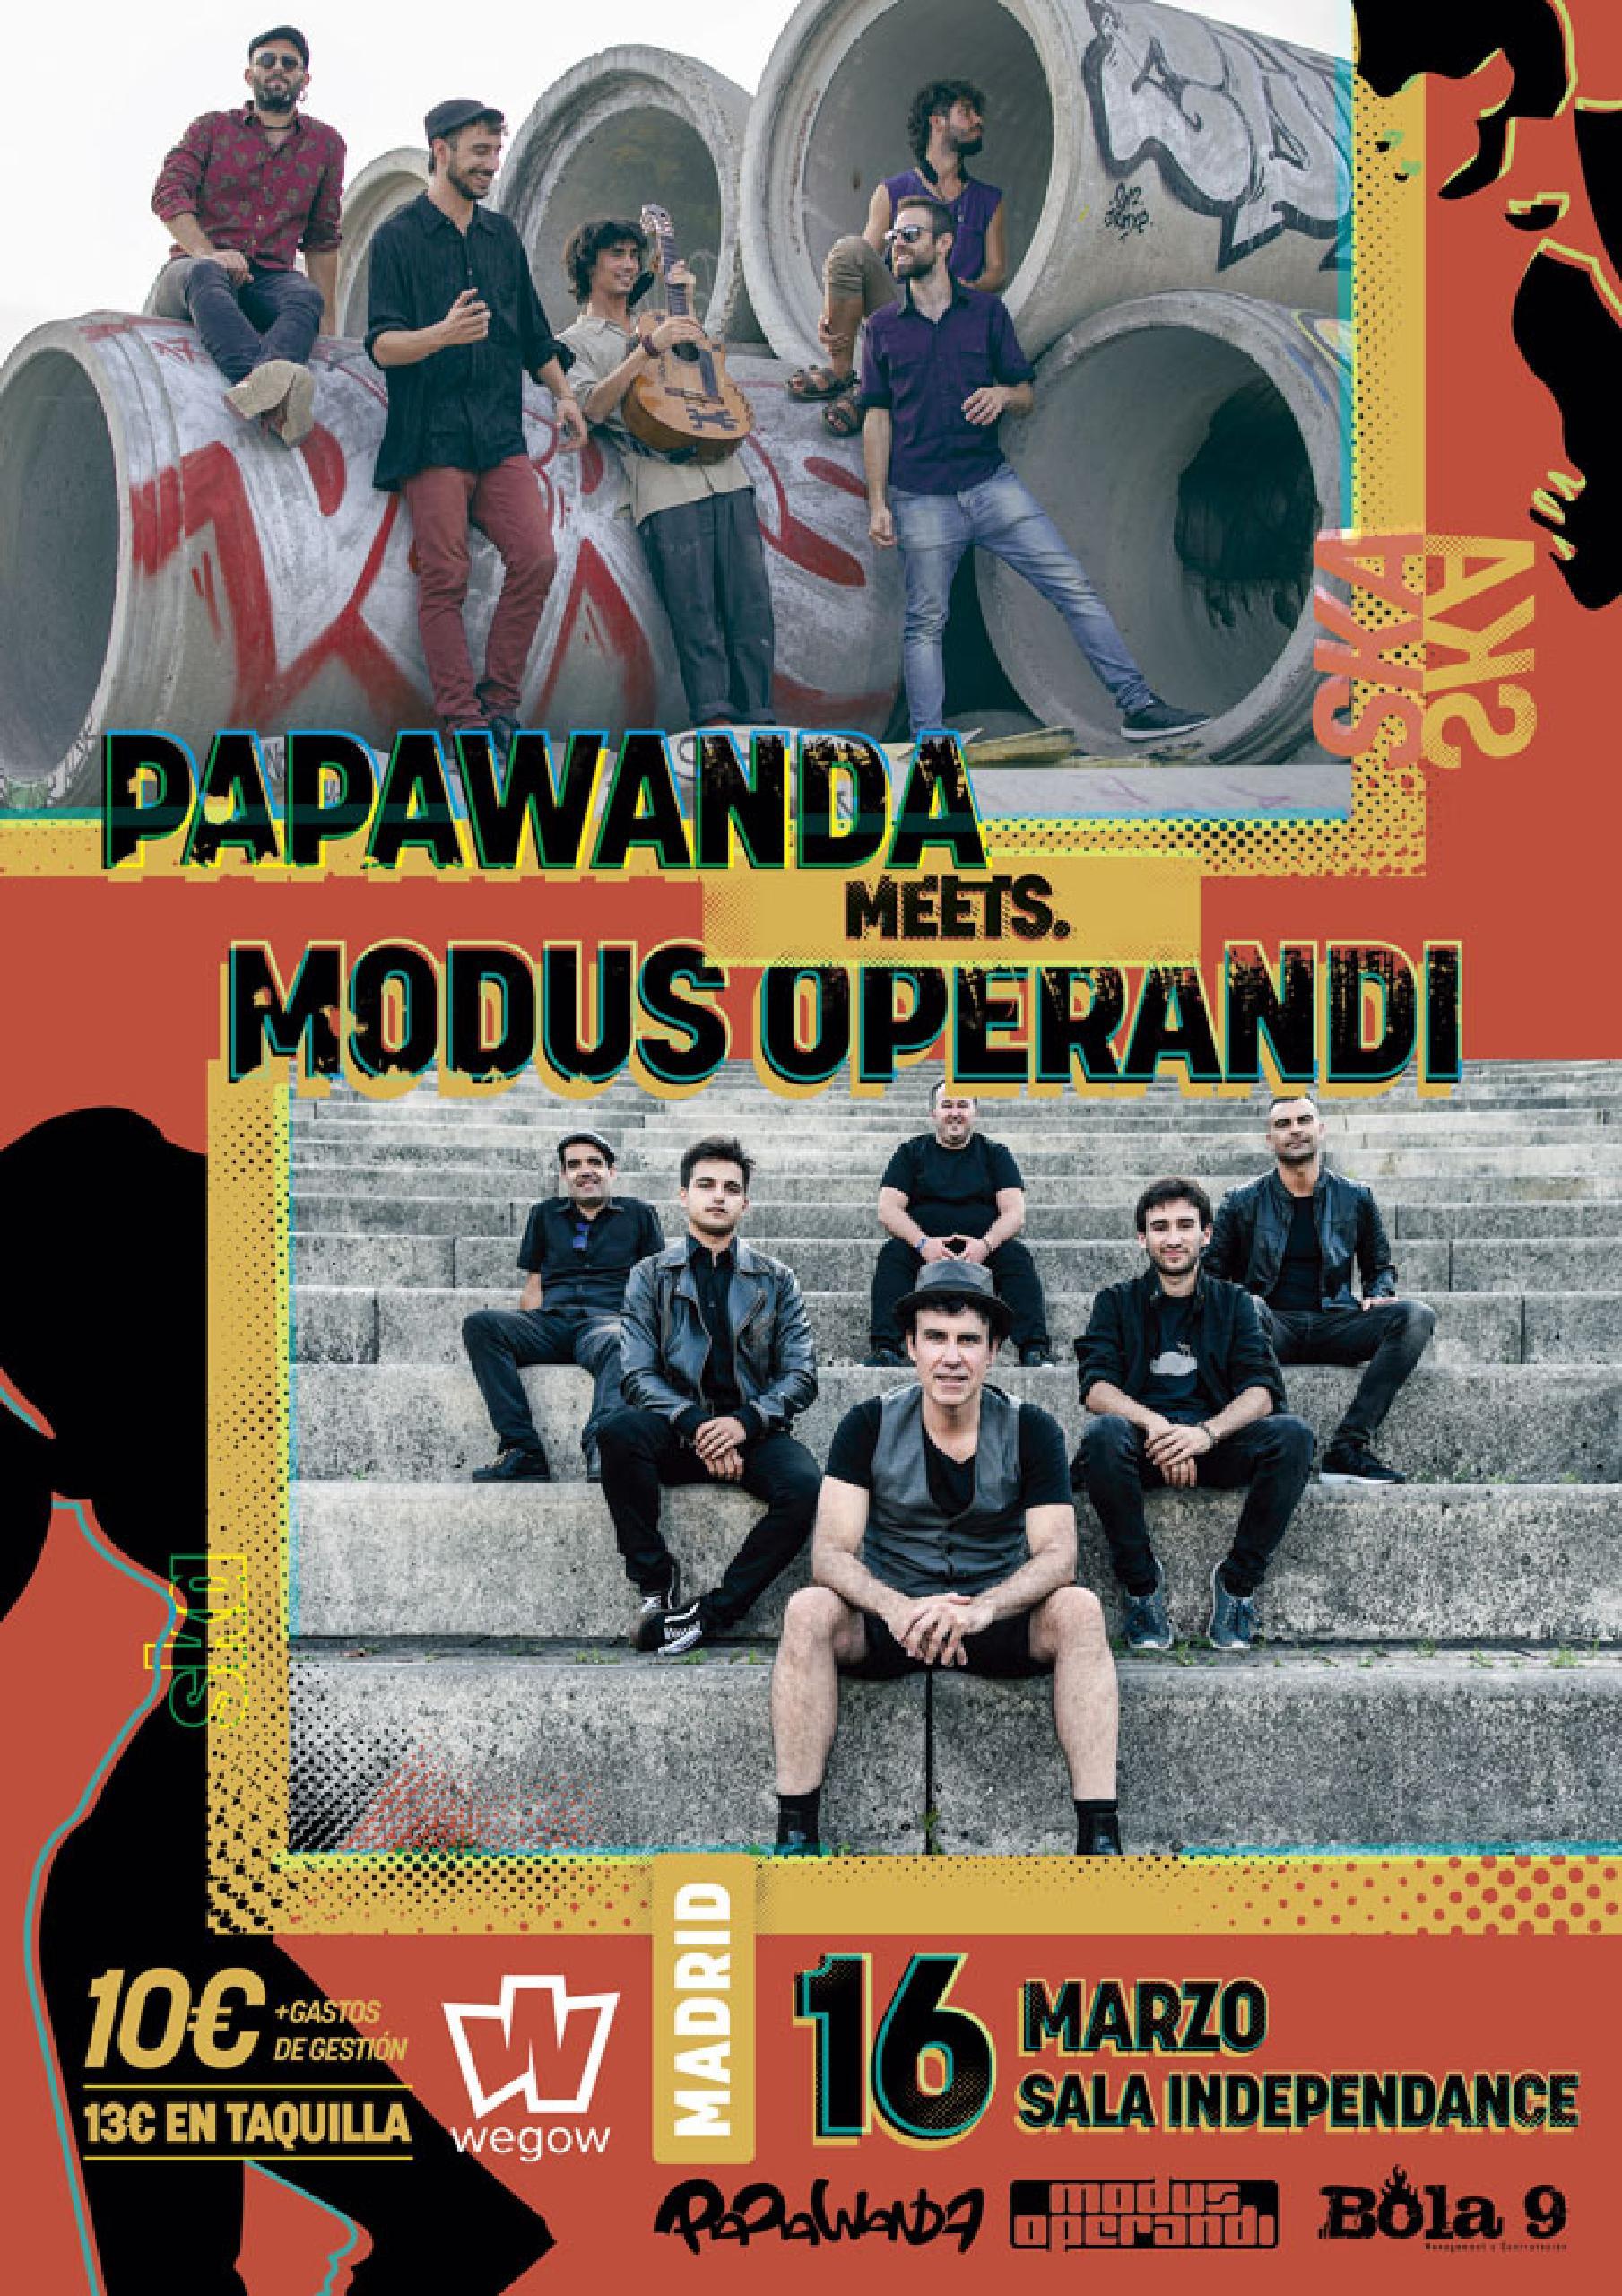 PAPAWANDA - MODUS OPERANDI